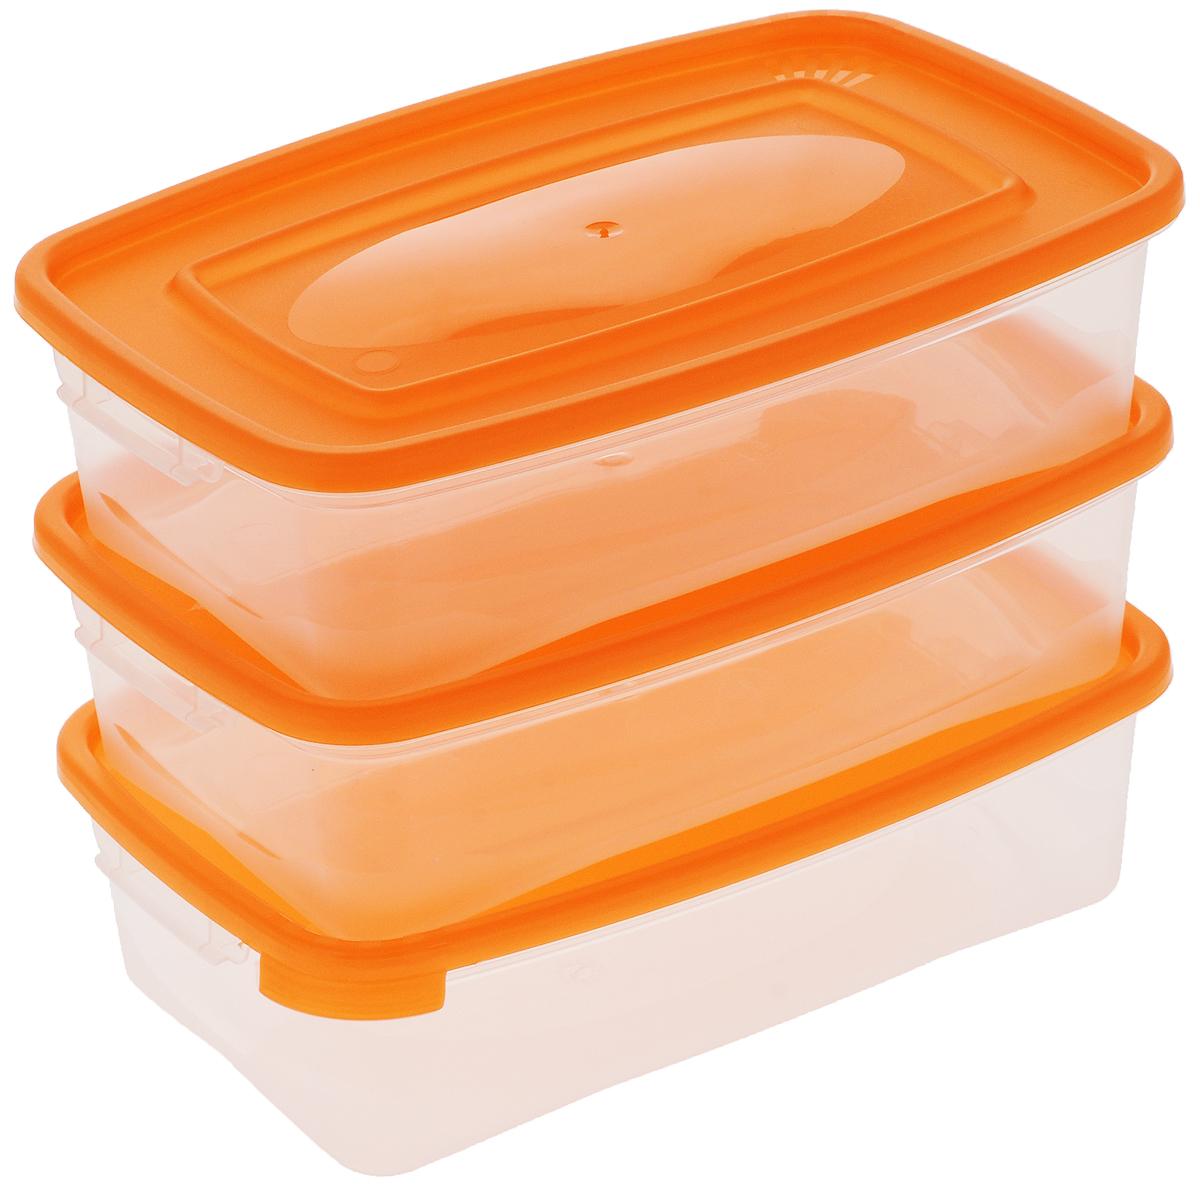 Набор контейнеров Полимербыт Каскад, цвет: оранжевый, прозрачный, 700 мл, 3 штVT-1520(SR)Набор контейнеров Полимербыт Каскад изготовлен из высококачественного прочного пластика, устойчивого к высоким температурам. Стенки контейнера прозрачные, что позволяет видеть содержимое. Цветная полупрозрачная крышка плотно закрывается. Контейнер идеально подходит для хранения пищи, его удобно брать с собой на работу, учебу, пикник или просто использовать для хранения пищи в холодильнике.Можно использовать в микроволновой печи при температуре до +120°С (при открытой крышке) и для заморозки в морозильной камере при температуре до -40°С. Можно мыть в посудомоечной машине.Размер одного контейнера: 18,5 х 12 х 5,5 см.Комплектация: 3 шт.